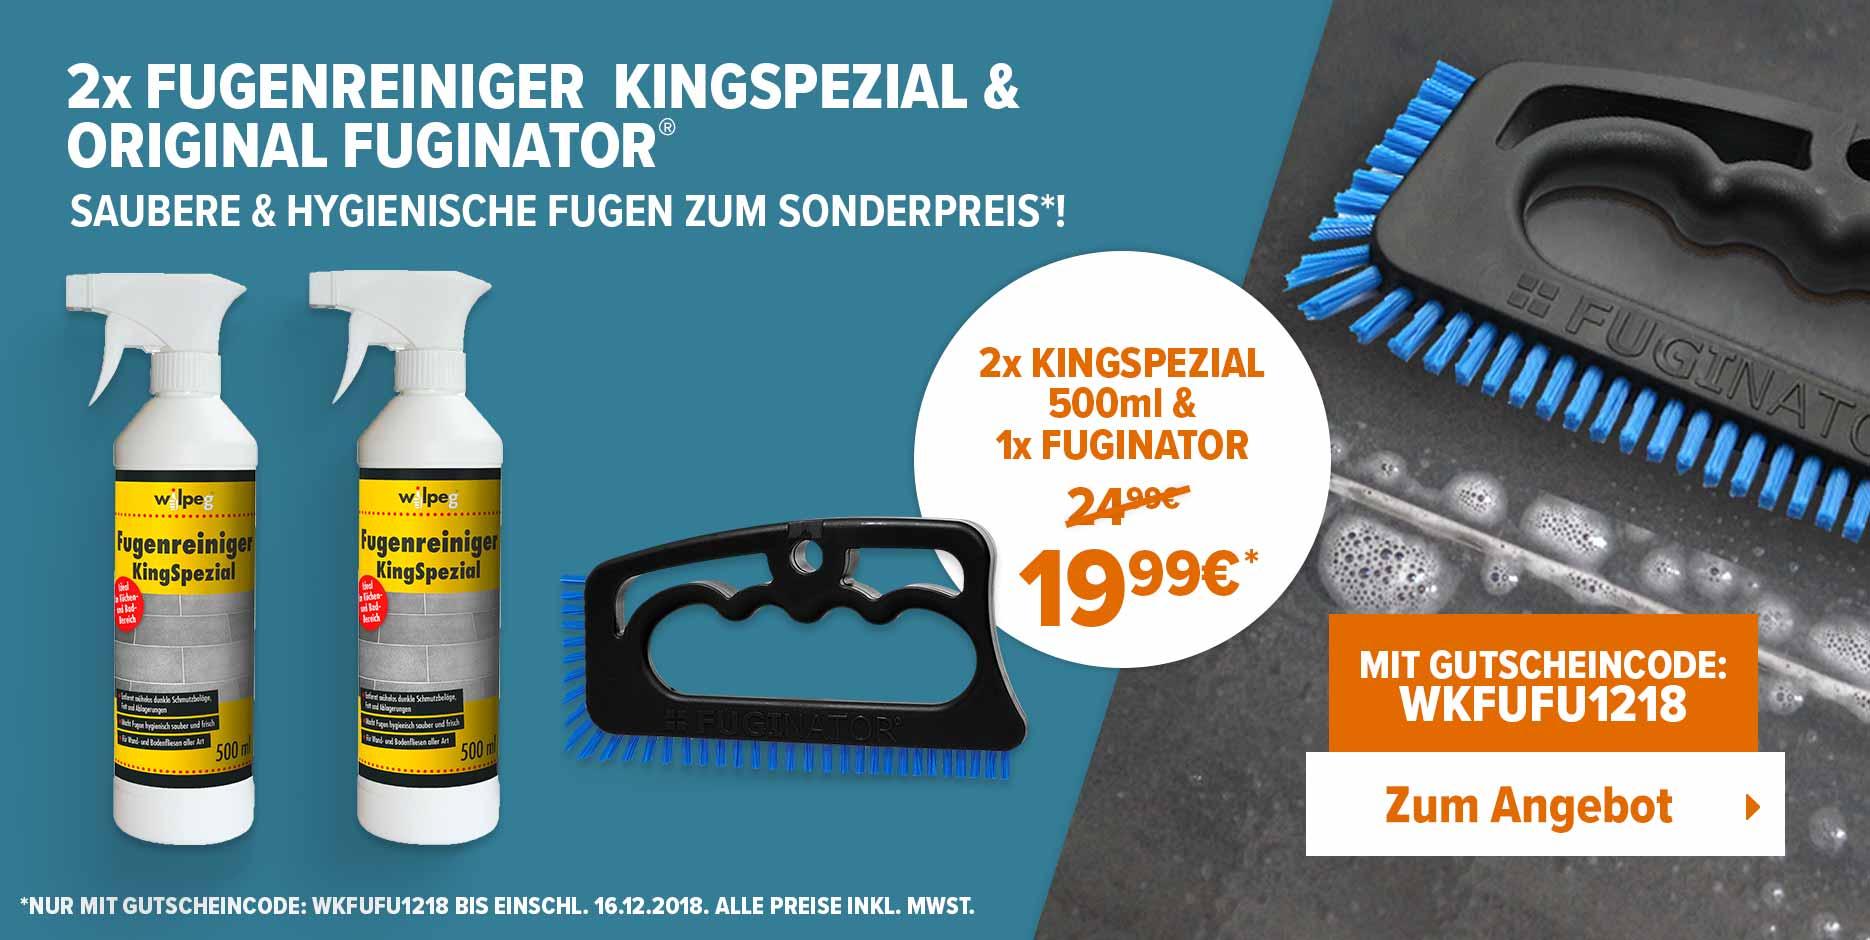 2x FUGENREINIGER  KINGSPEZIAL & ORIGINAL FUGINATOR - Saubere & hygienische Fugen zum sonderpreis! Rabatt mit Gutschein WKFUFU1218